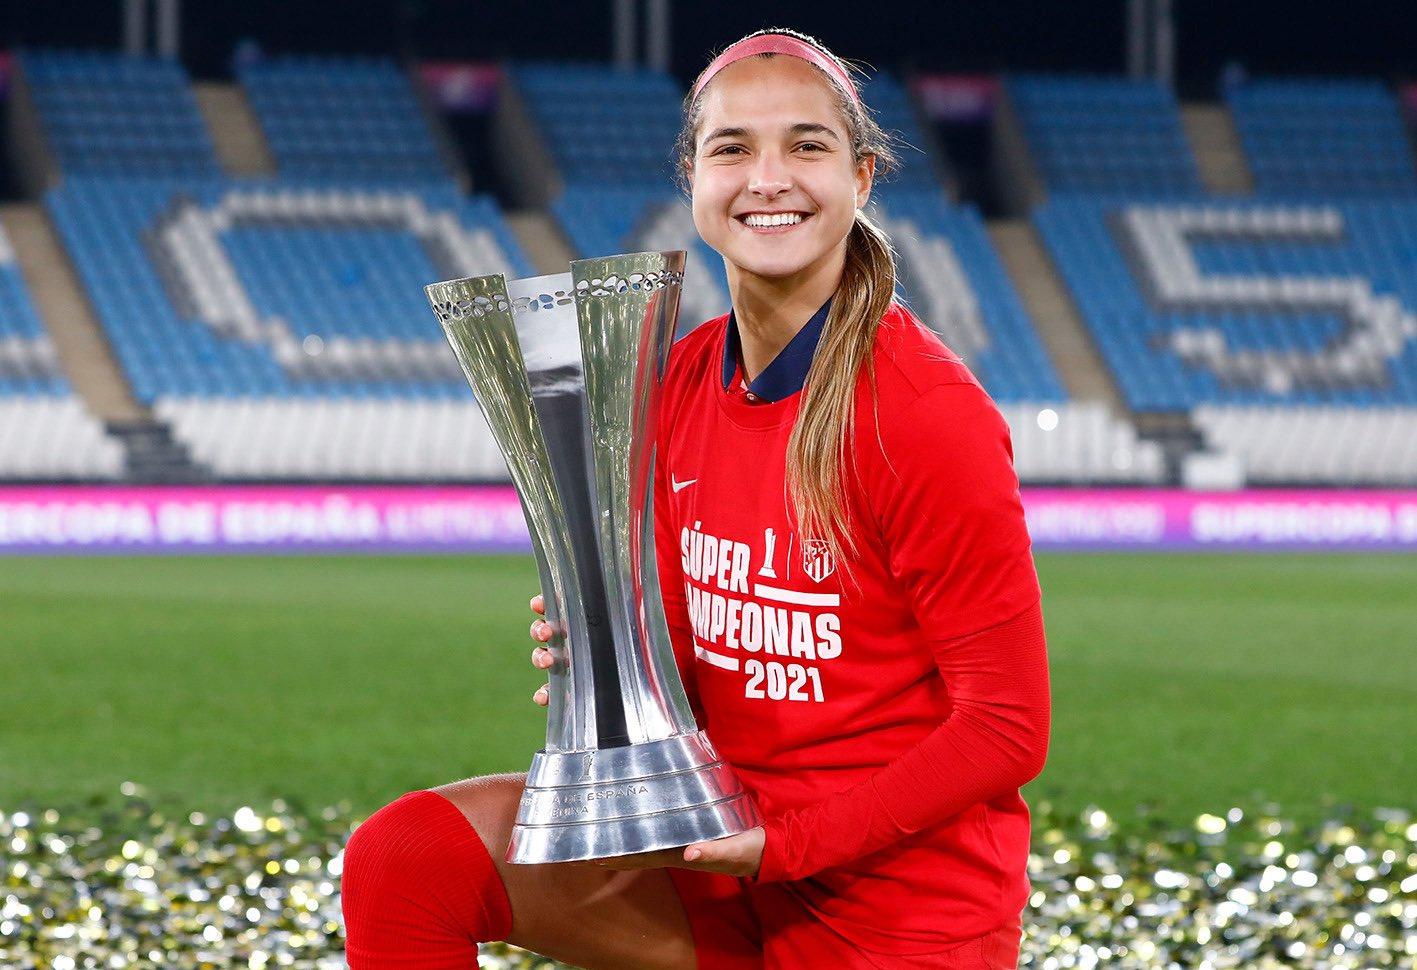 Resultado de imagen para deyna castellanos elegida mejor jugadora del mes de enero en atlético